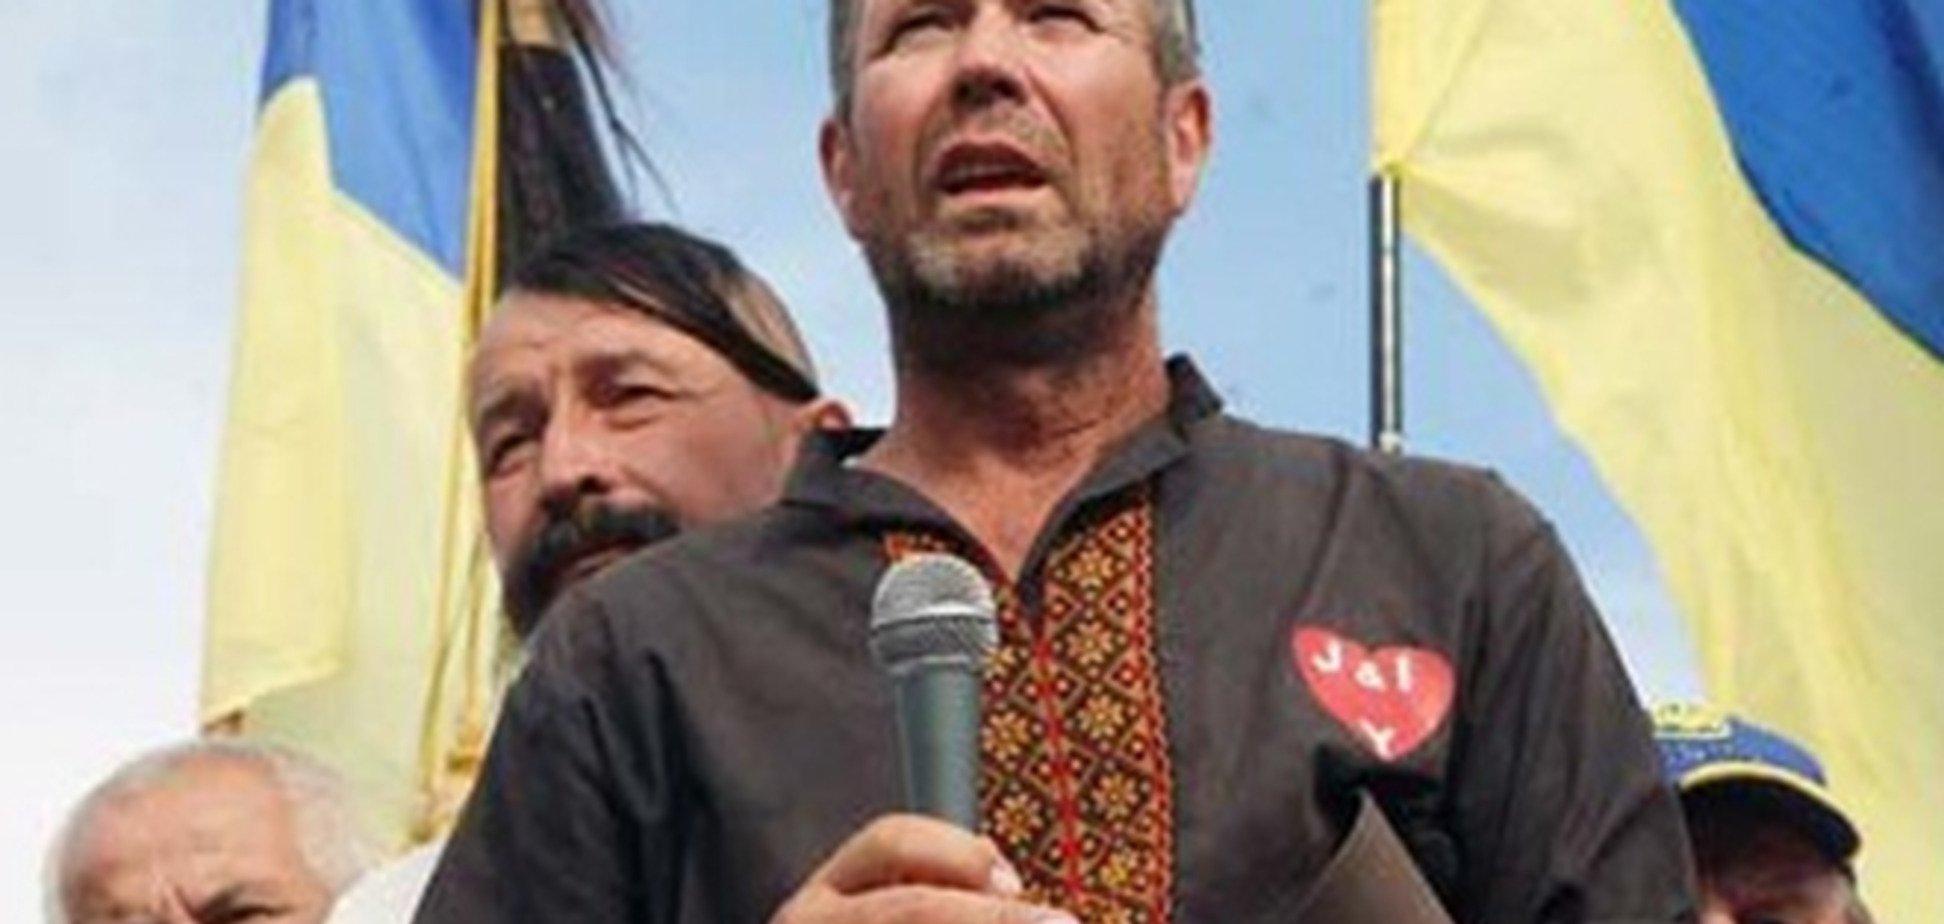 Організатор Врадіївського ходи оголосив у в'язниці голодування